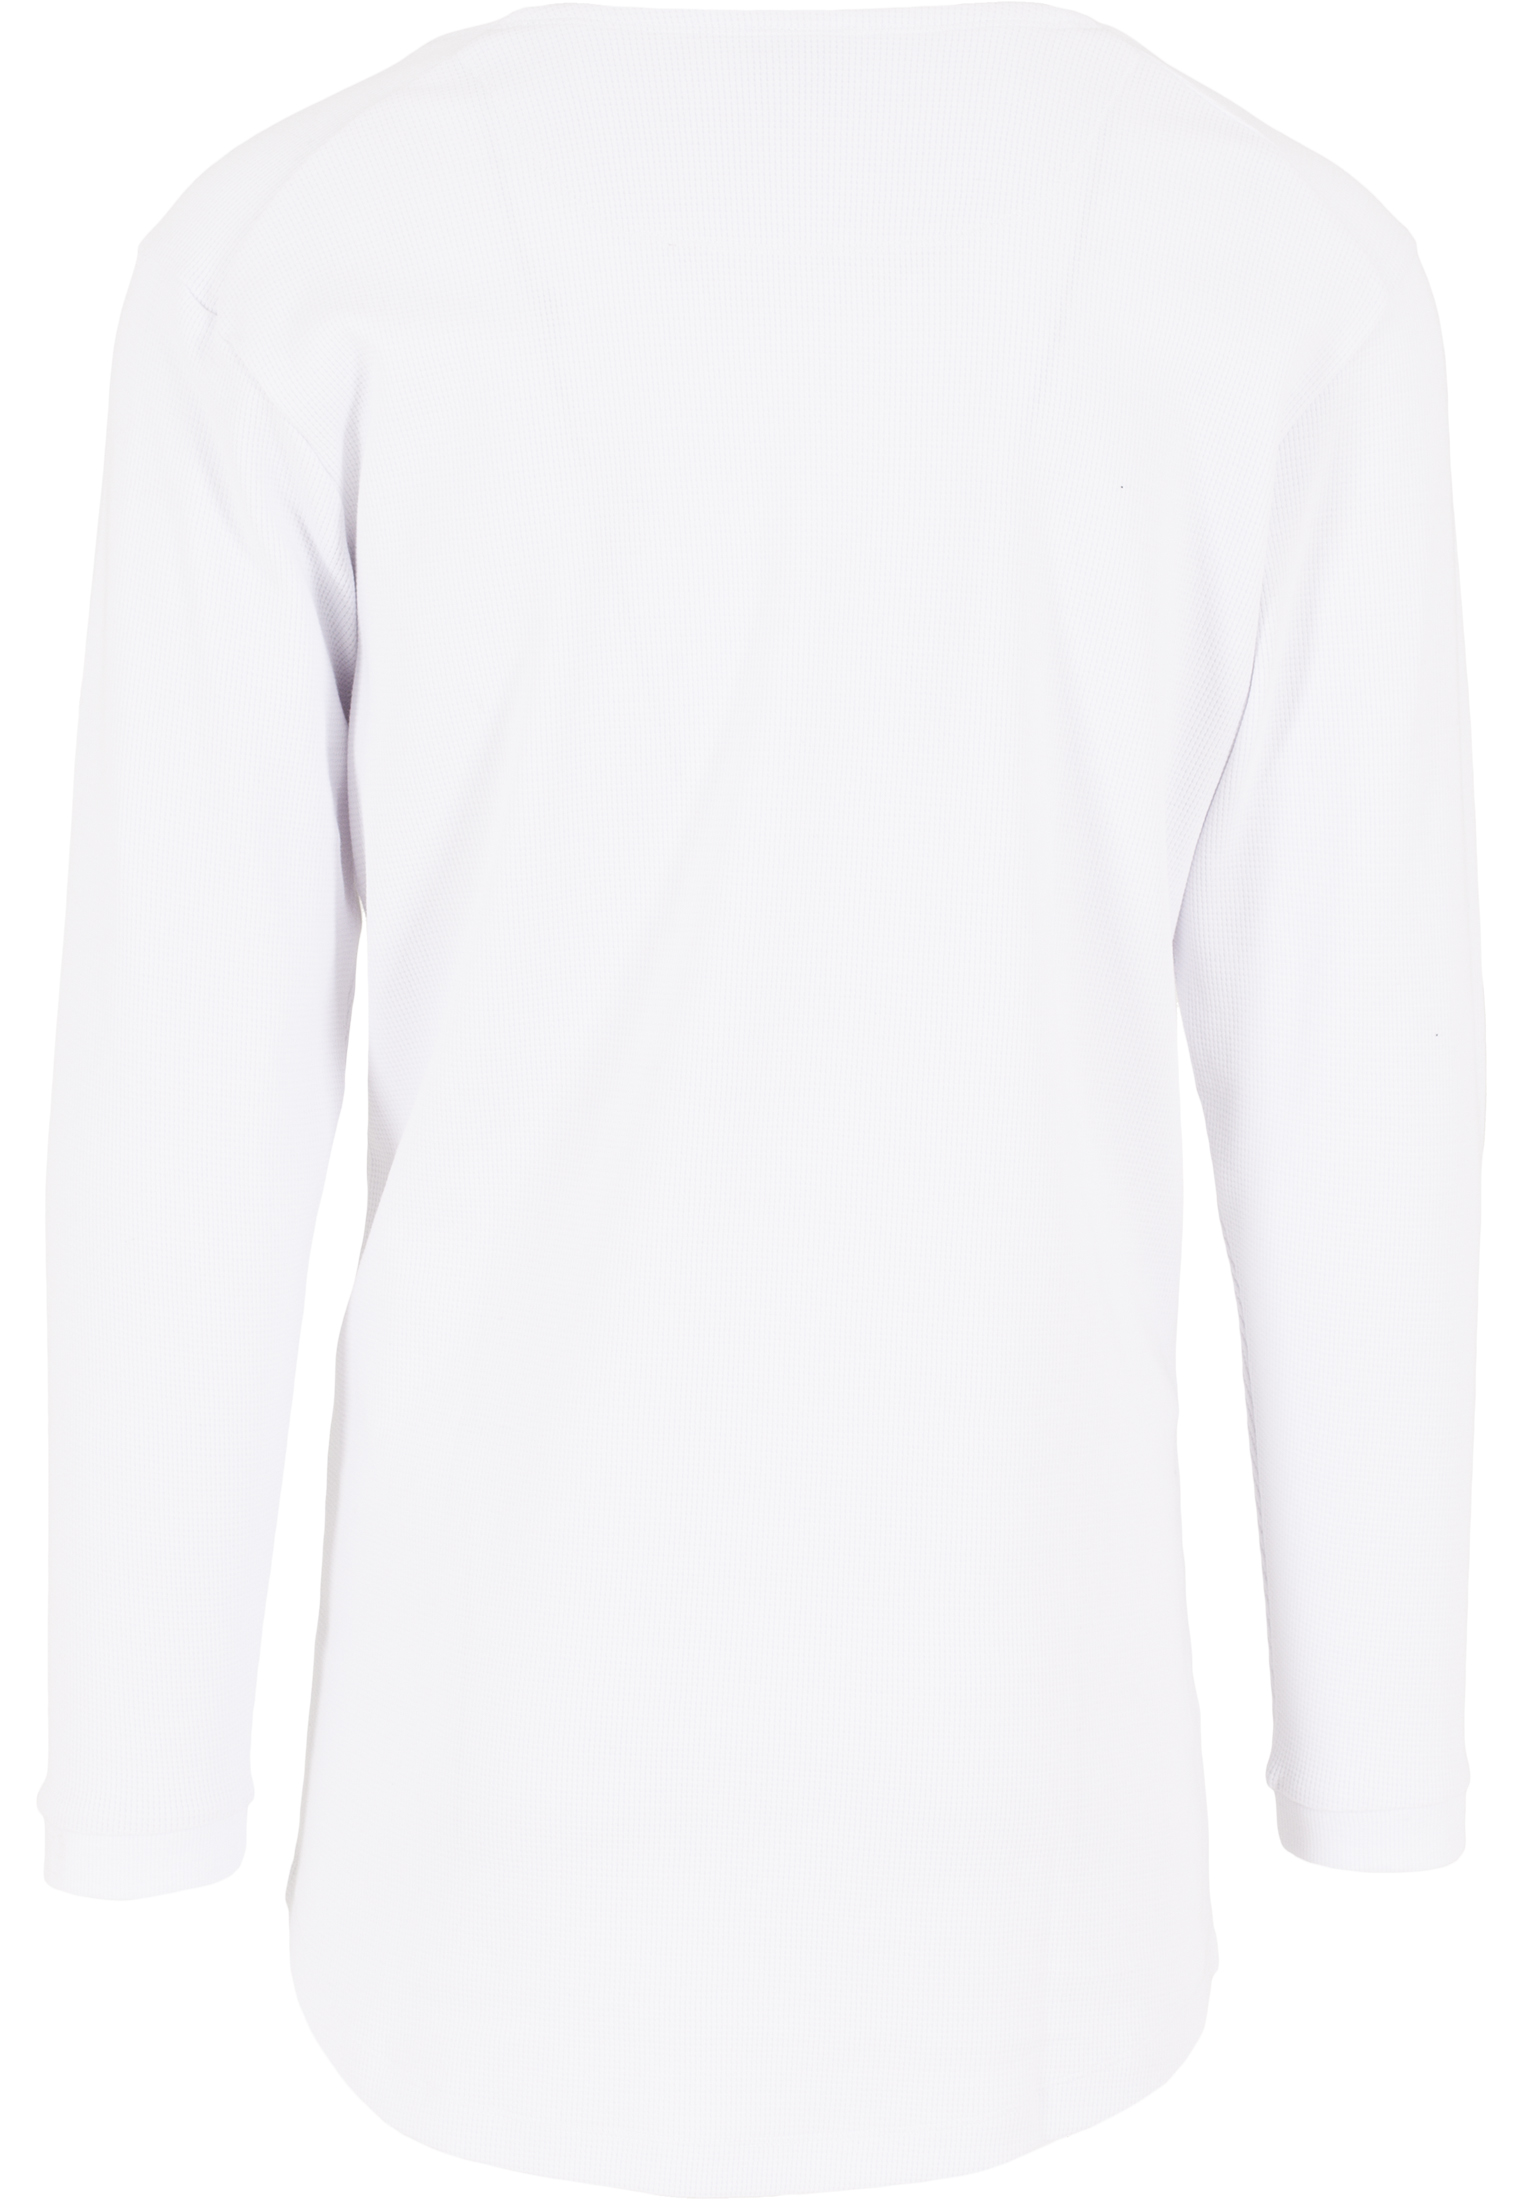 san francisco 681e3 5de50 Kapuzensweatshirt Urban Classics TB1103 Long Shaped Waffle L/S Tee T-Shirt  langarm Shirt Herren